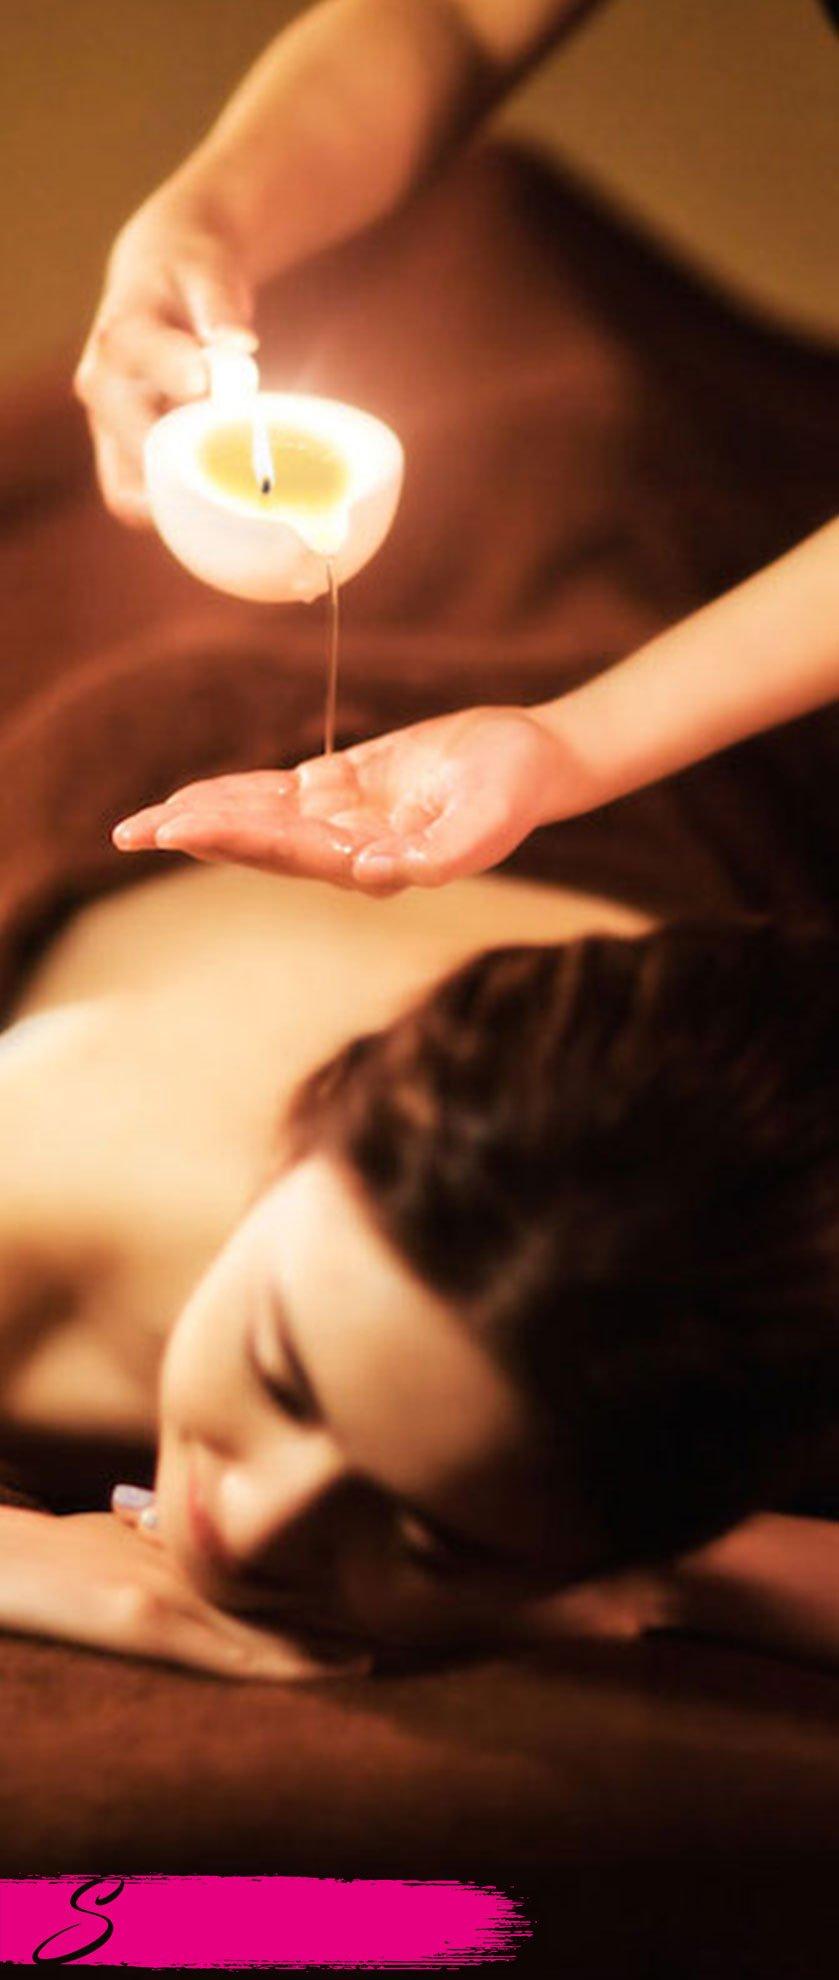 massaggio con candela sensazioni